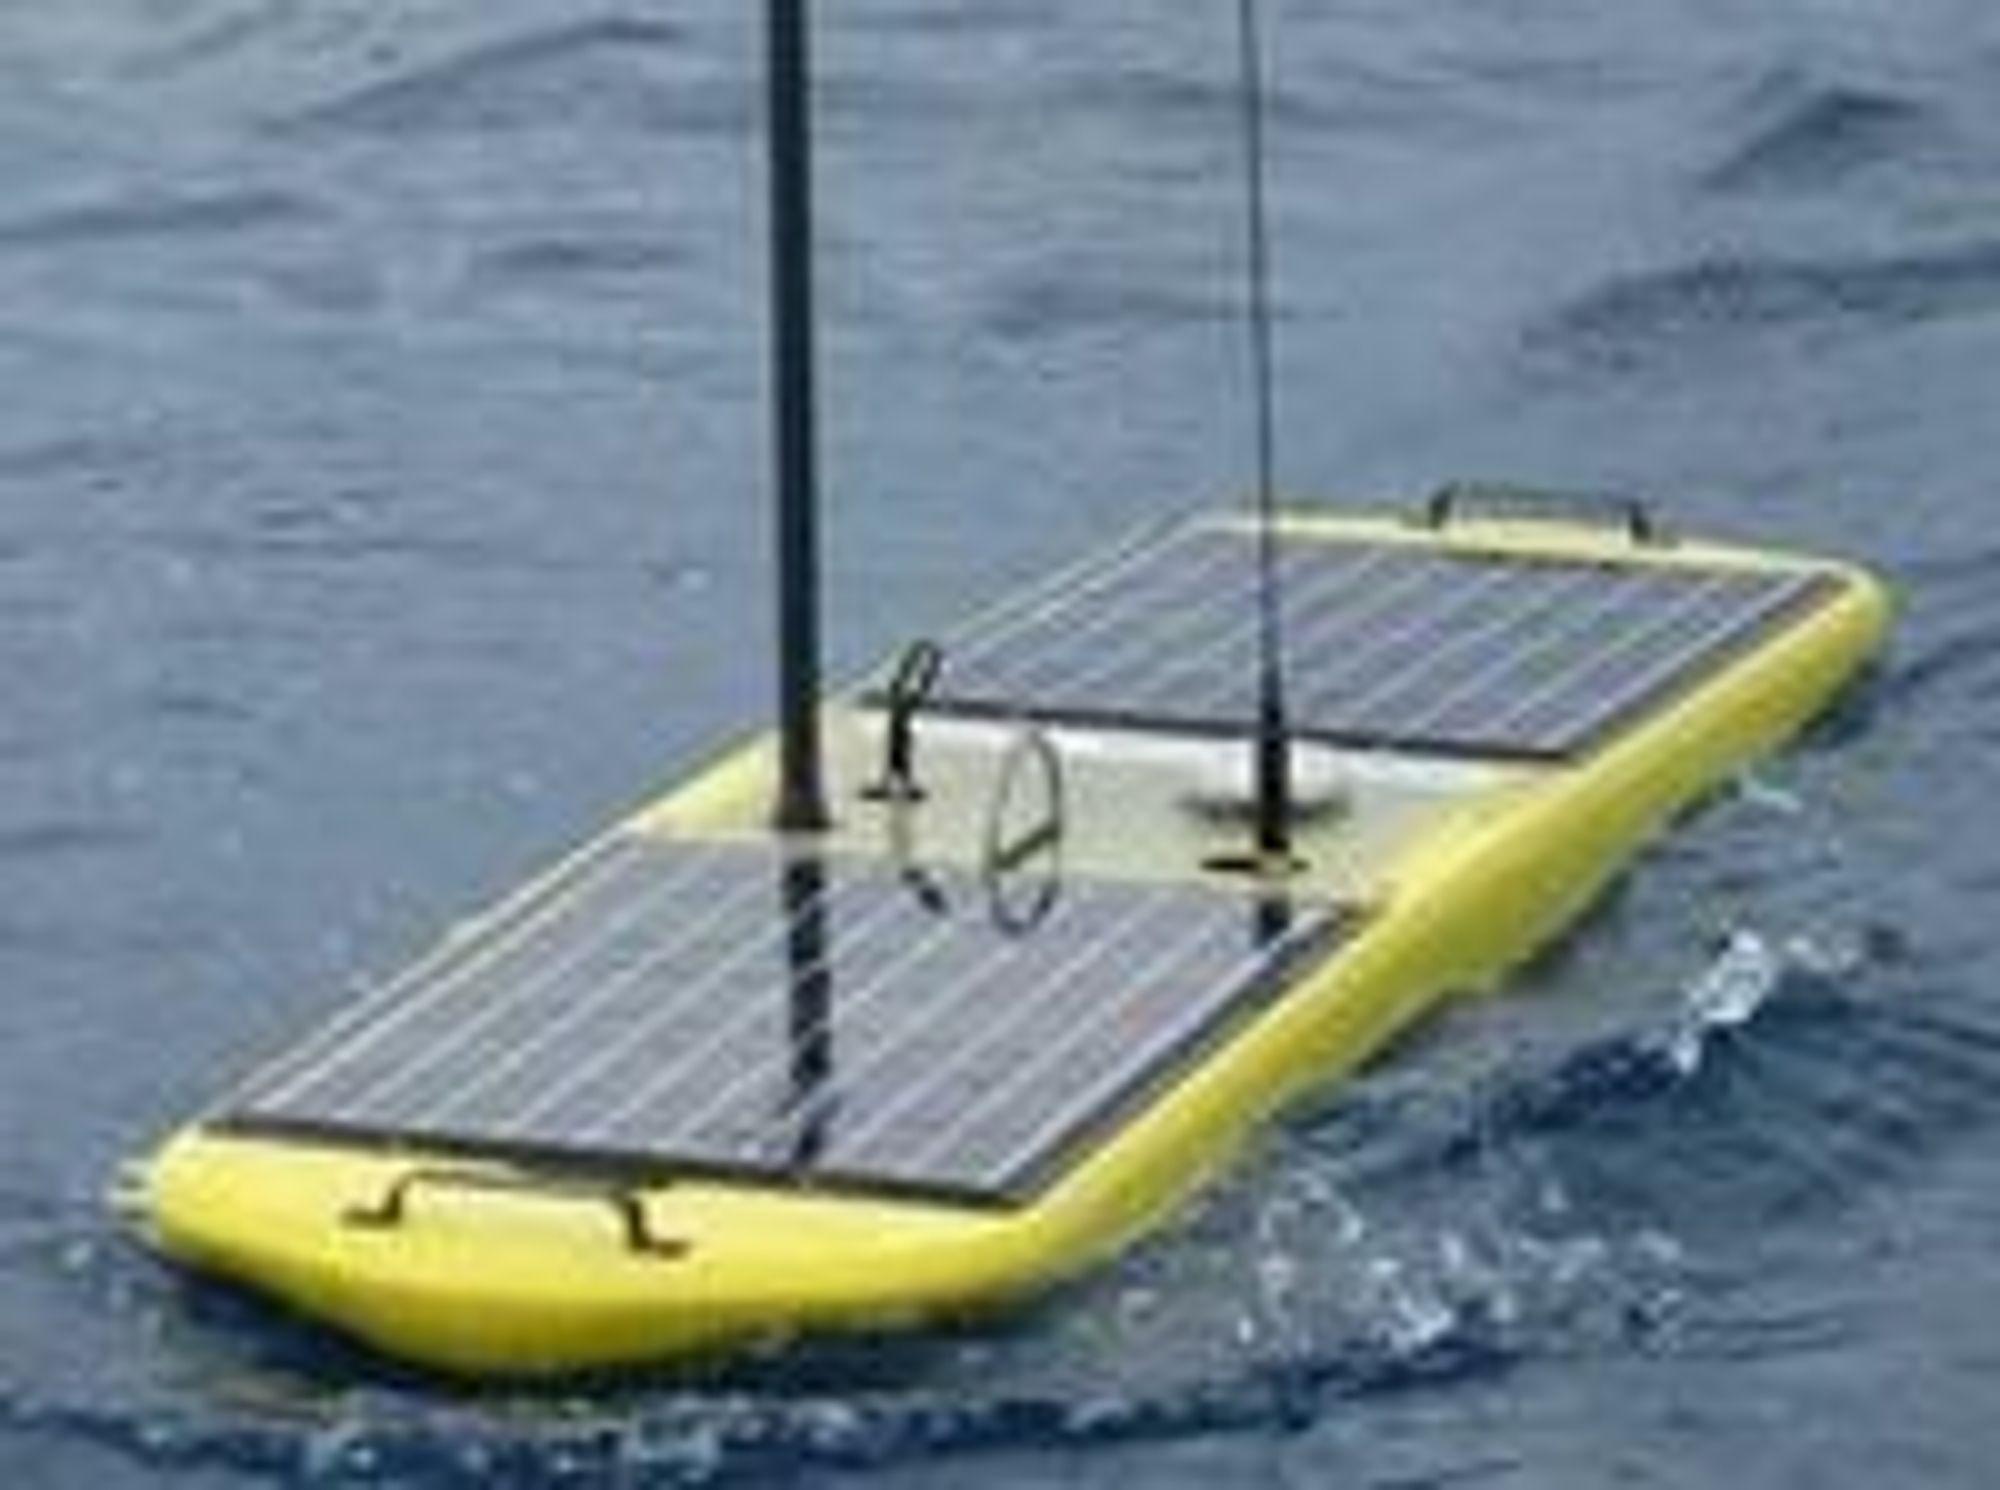 Wave Glider fra Liquid Robotics er små saktegående fartøyer som samler inn sensordata. Enheten er om lag to meter lang og drives av både solenergi og bølgekraft.